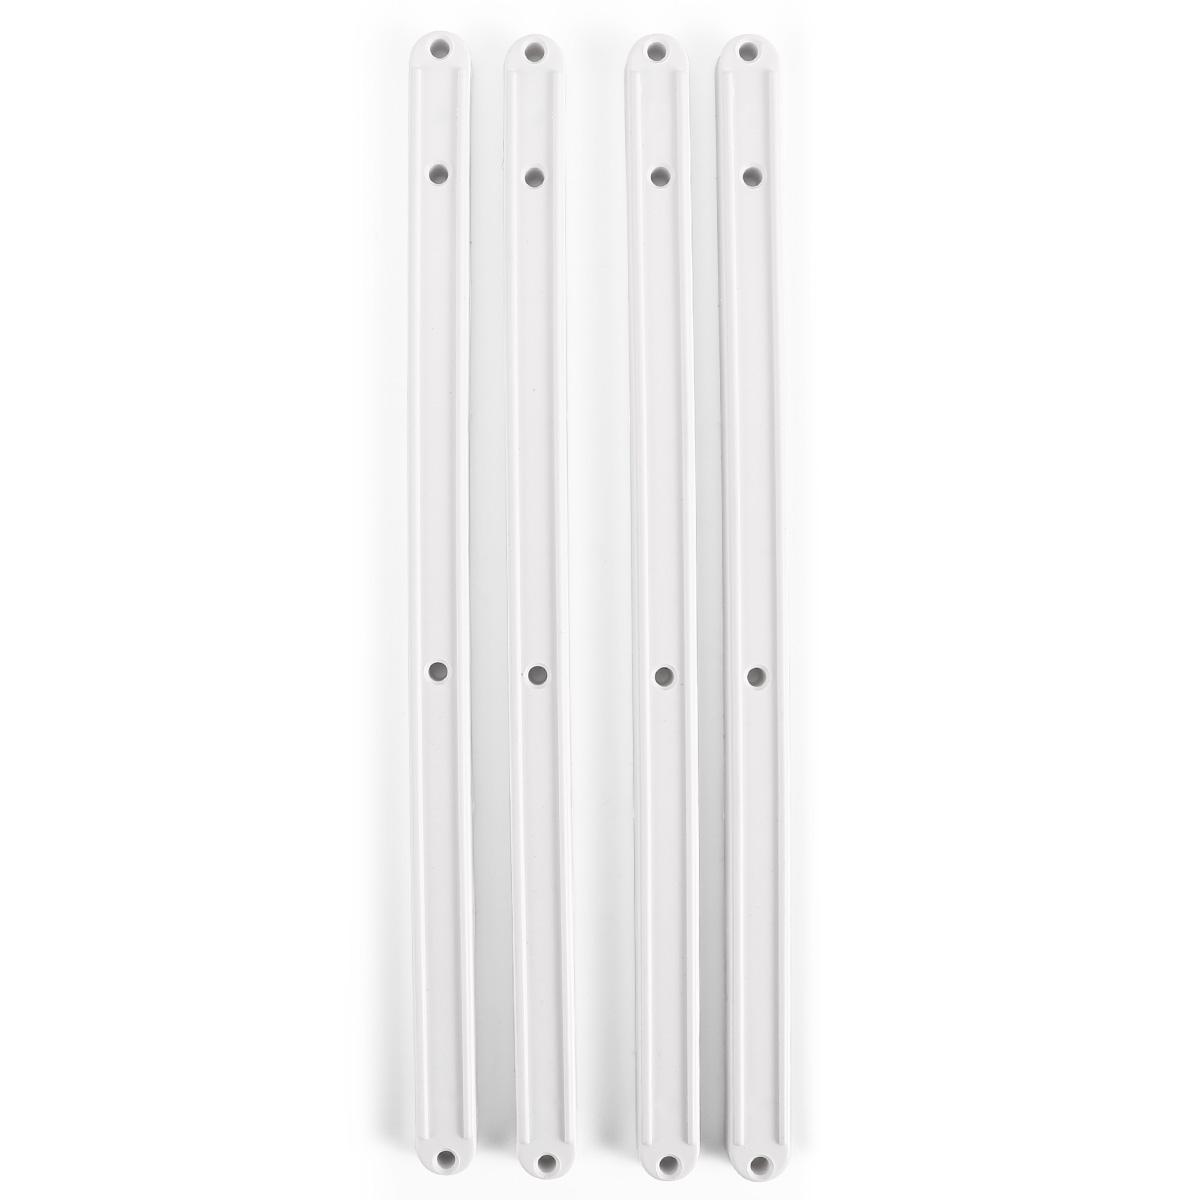 Guías para cajones armarios cocina muebles del Plástico Longitu